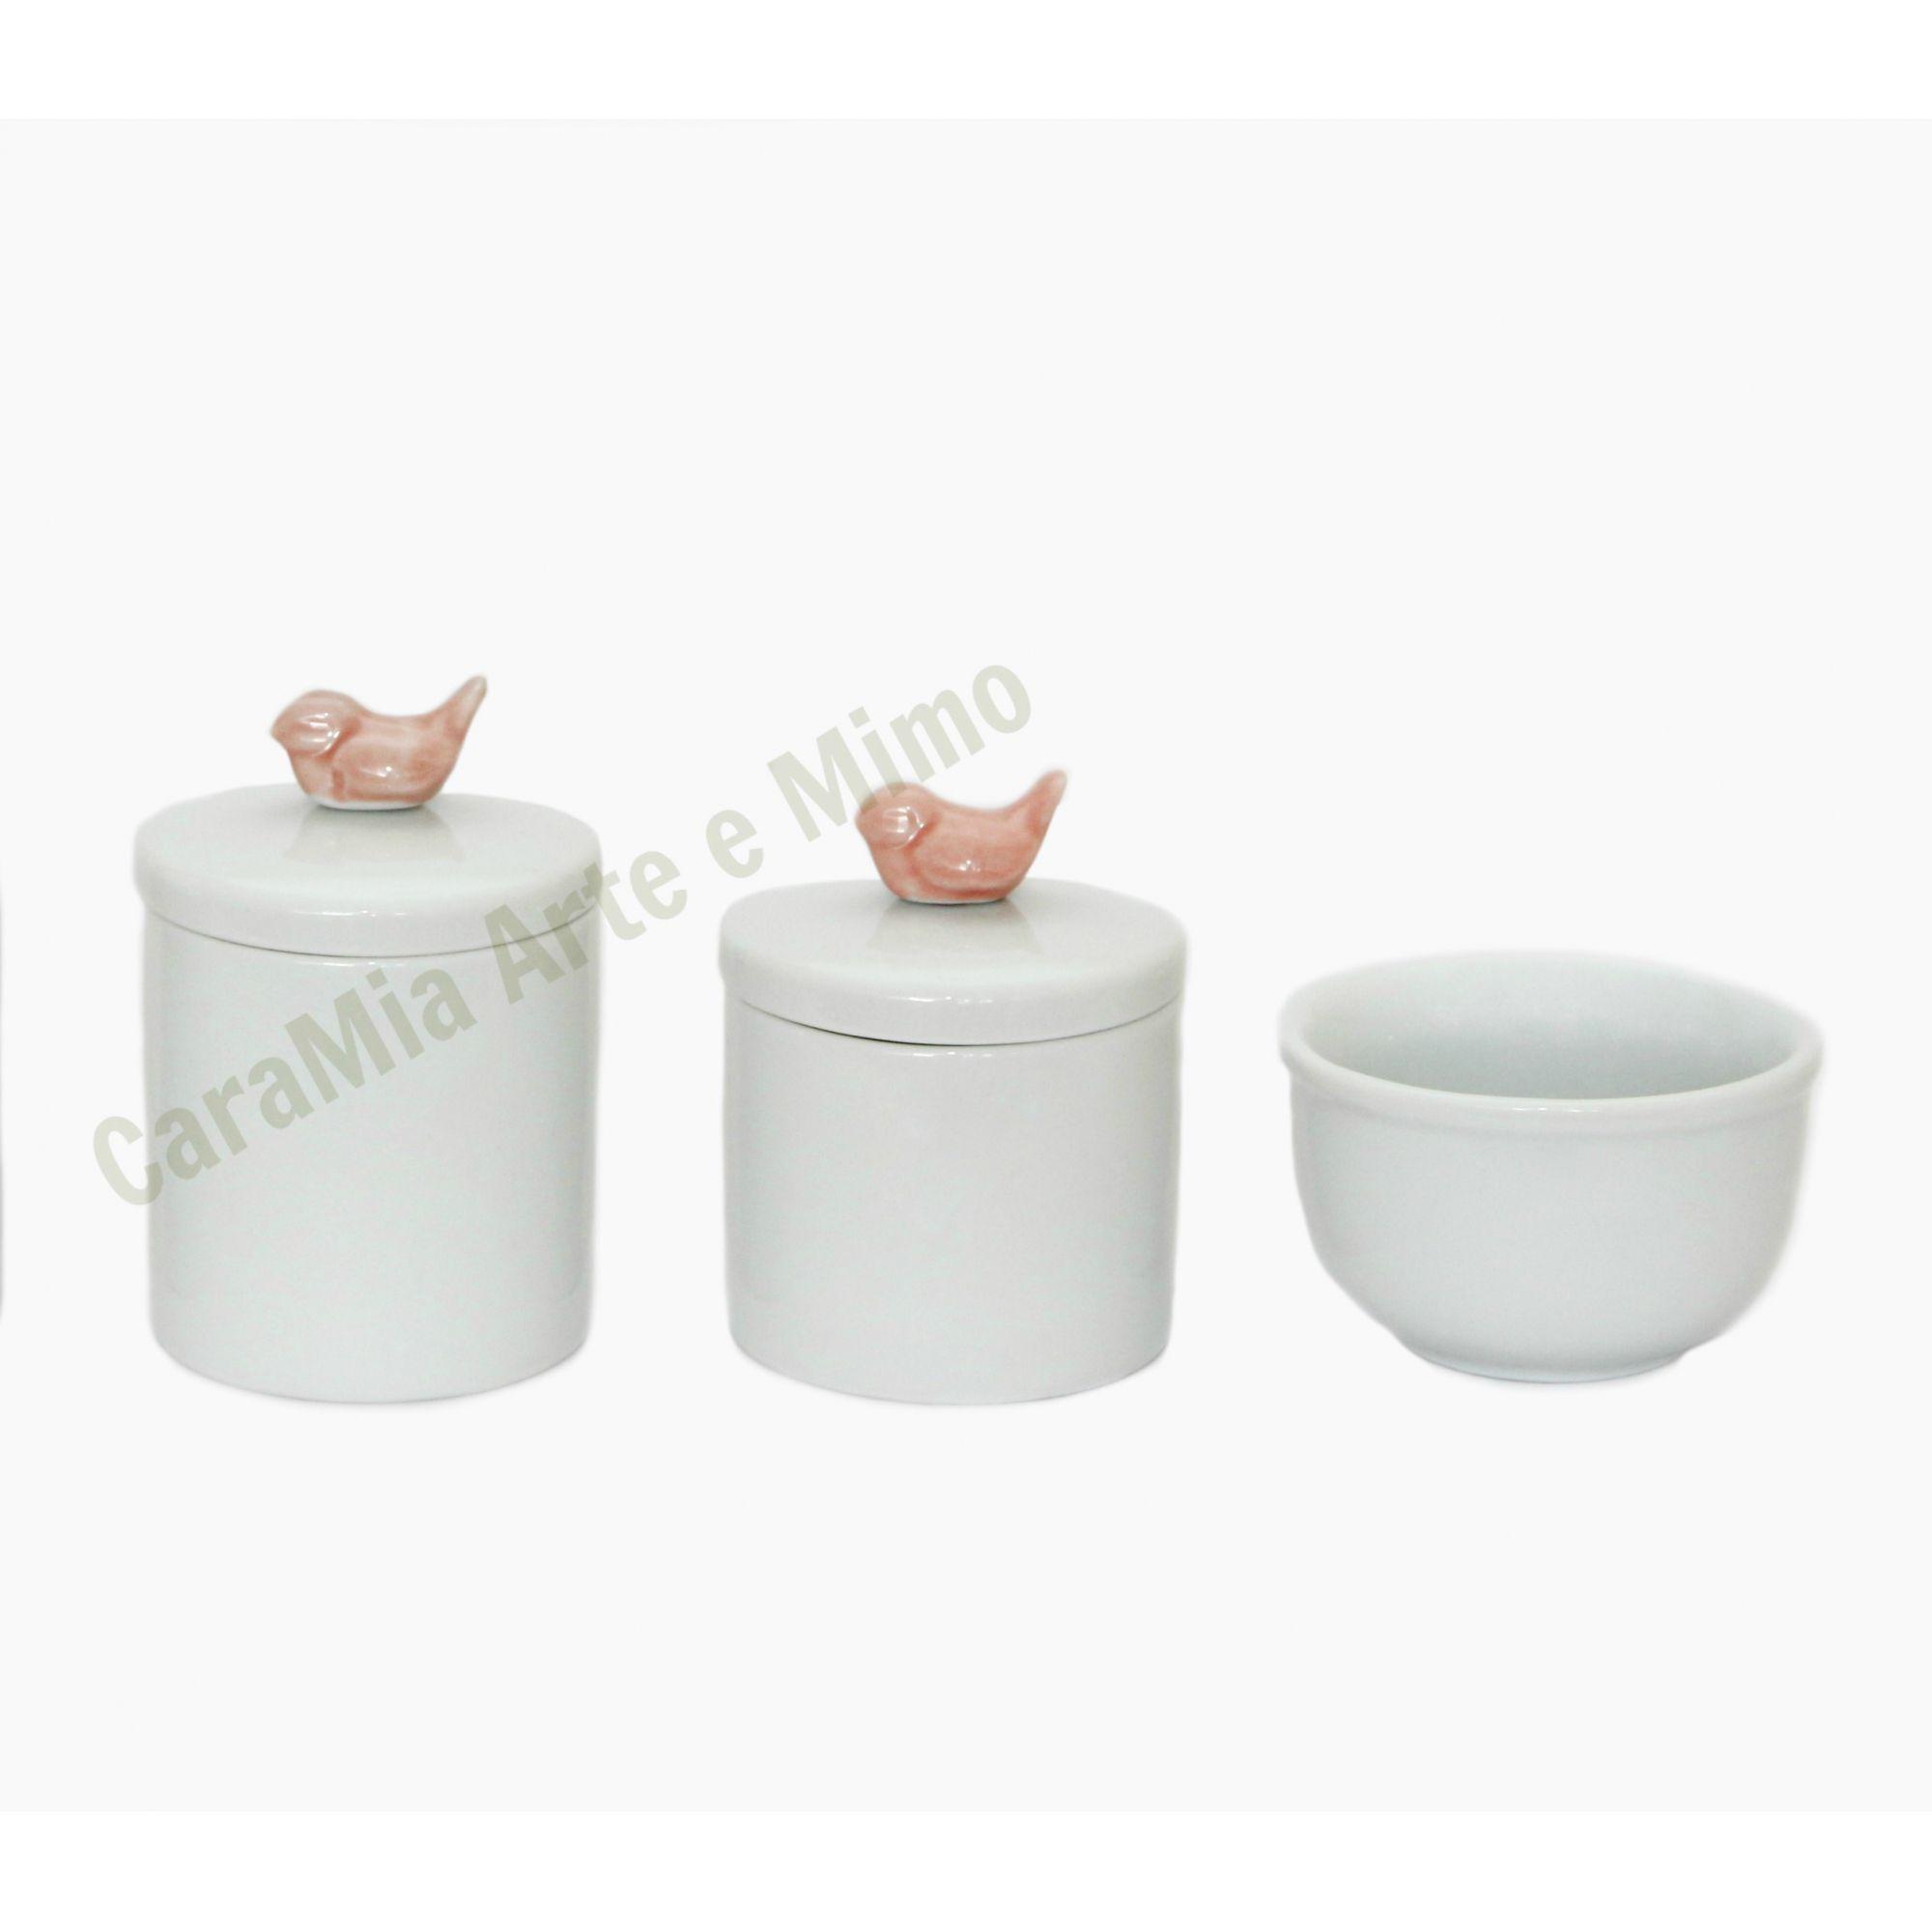 Kit Higiene Bebê Porcelana Branca Pássaros em Rosa Antigo| 3 peças